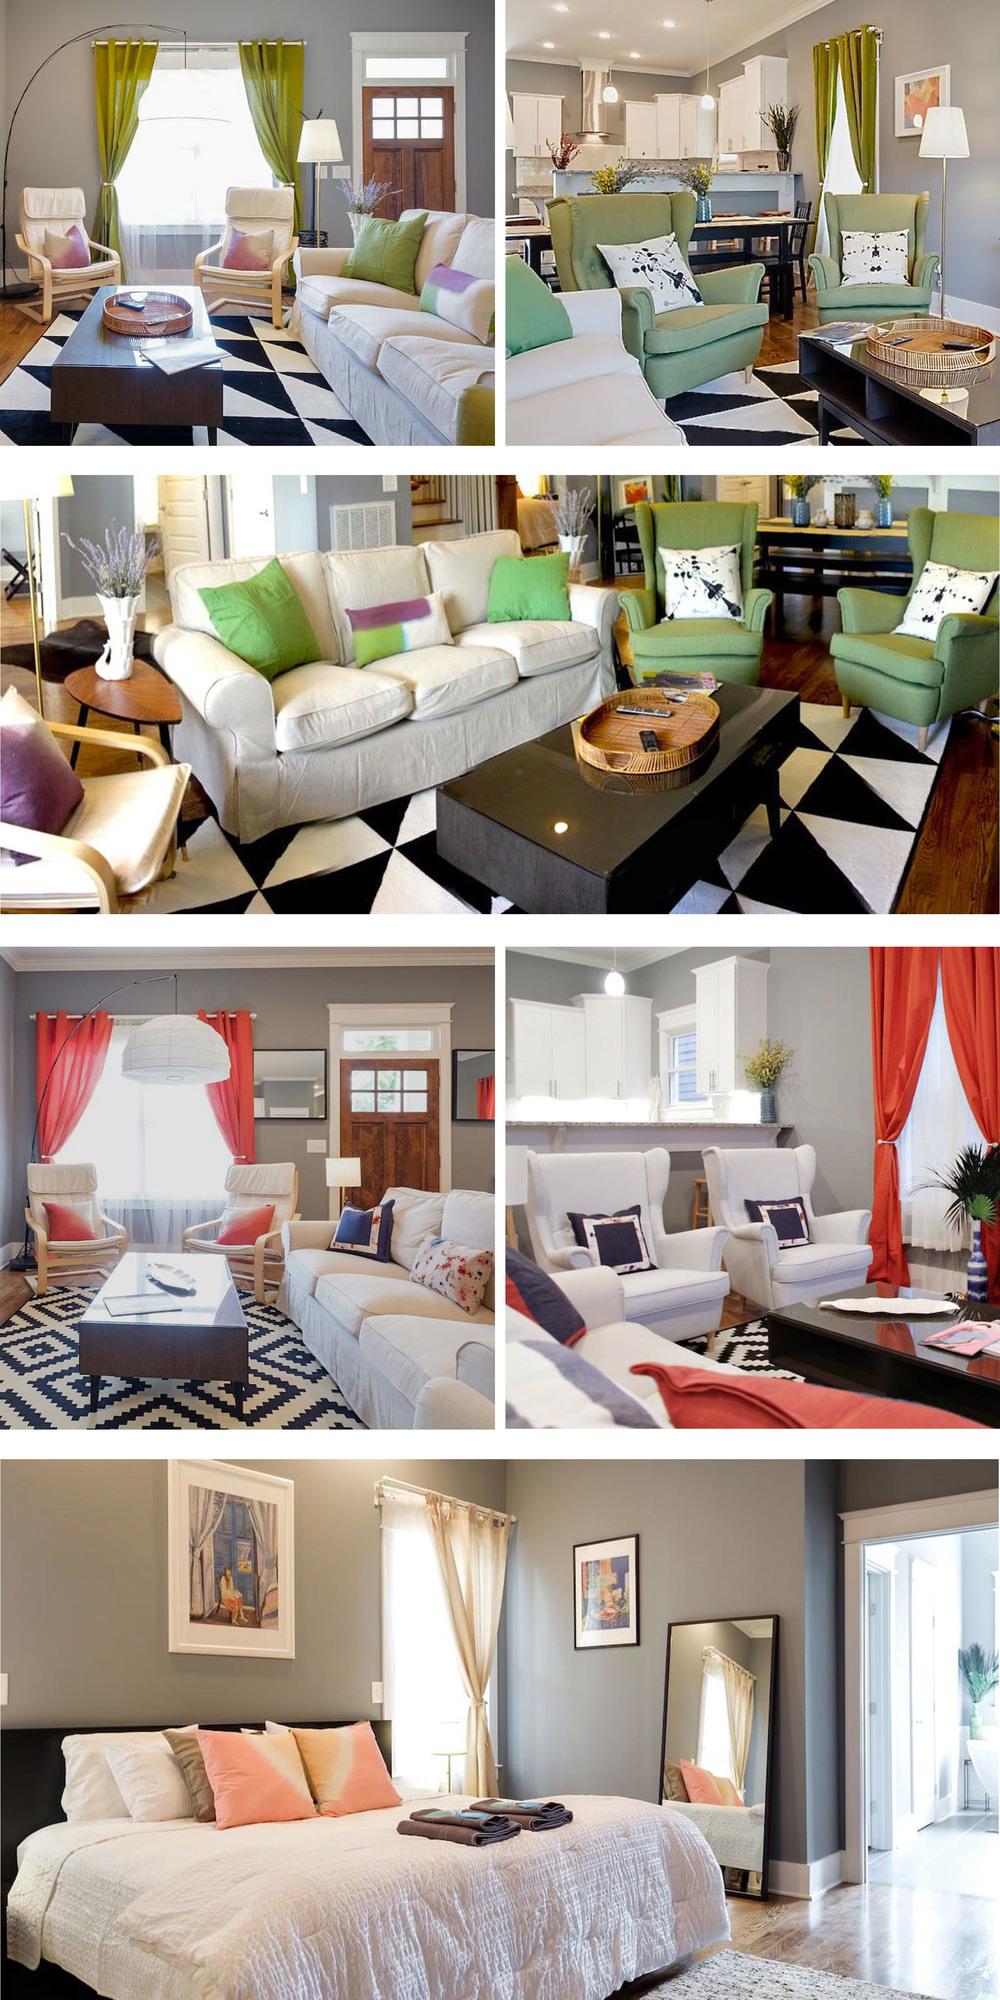 interior designer: Kyle Komline. Photo cred: Airbnb